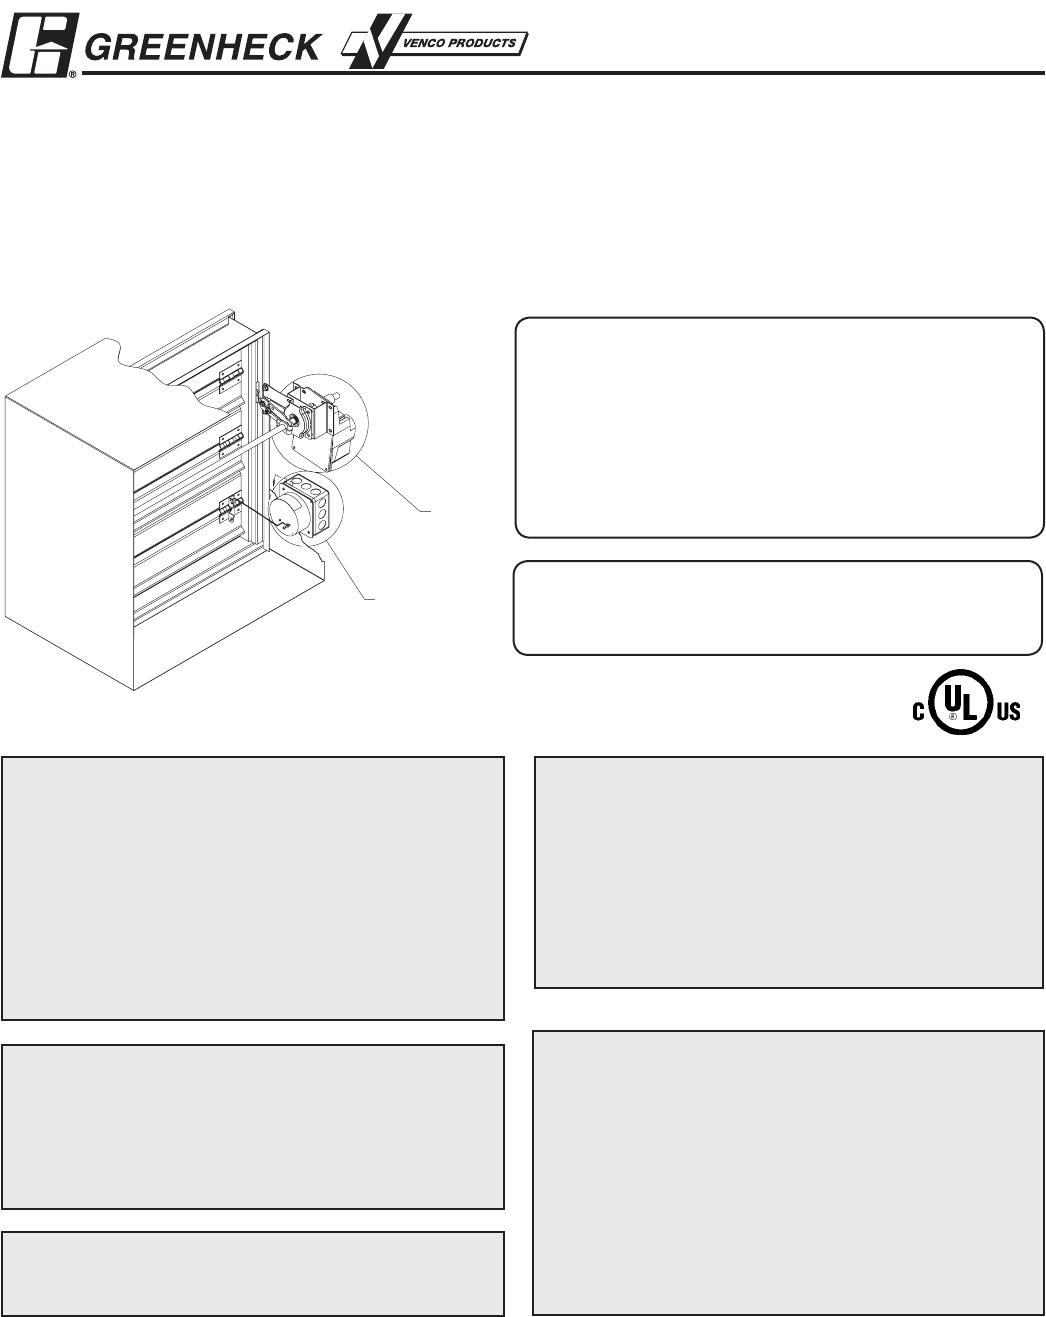 Smd Series 826250smoke Dampers Smdsmdr Iom System Sensor D4120 Wiring Diagram Installation Supplements